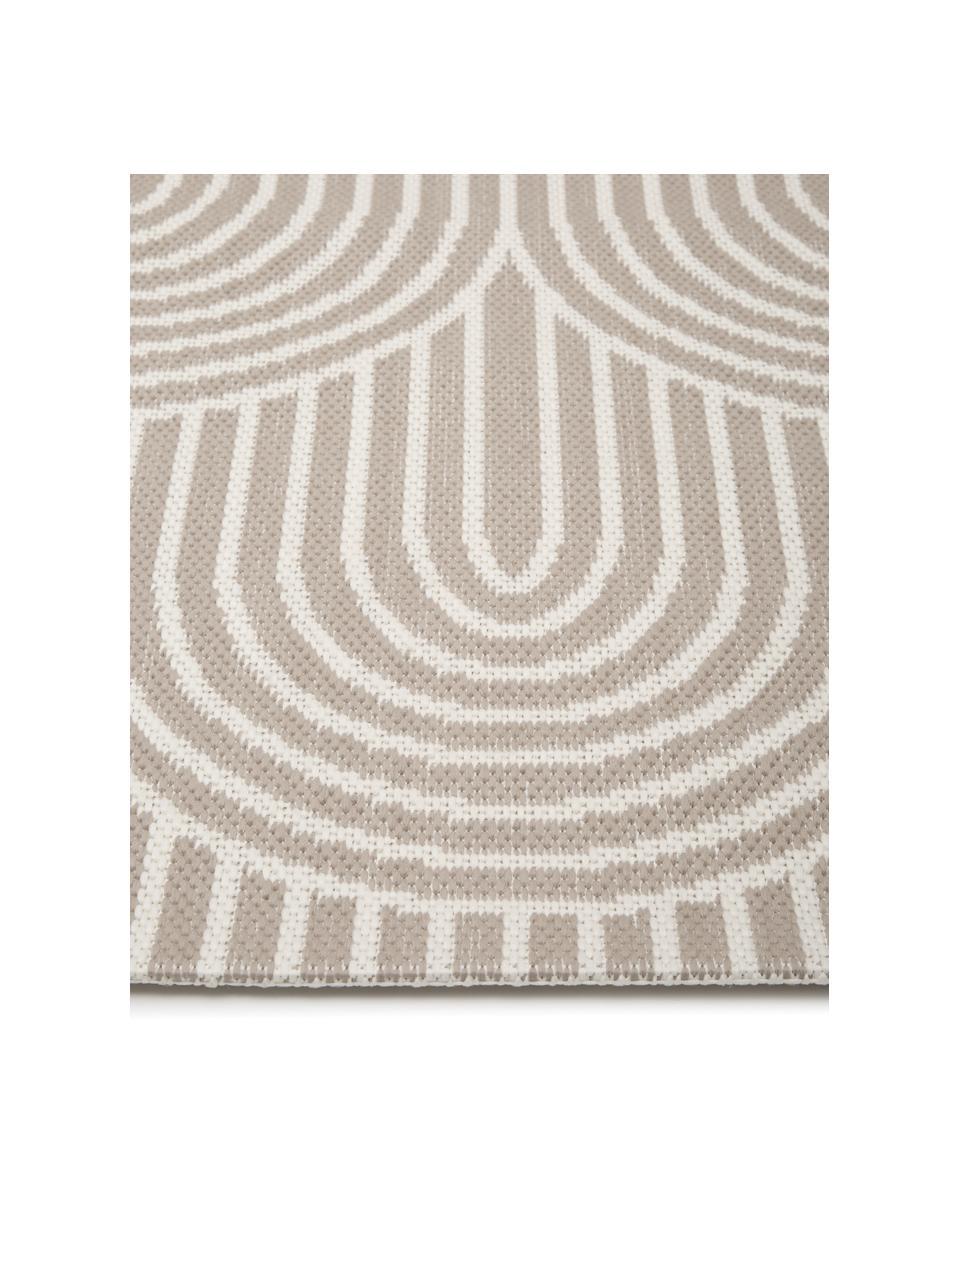 In- & Outdoorteppich Arches in Beige/Cremeweiß, 86% Polypropylen, 14% Polyester, Beige, Weiß, B 200 x L 290 cm (Größe L)